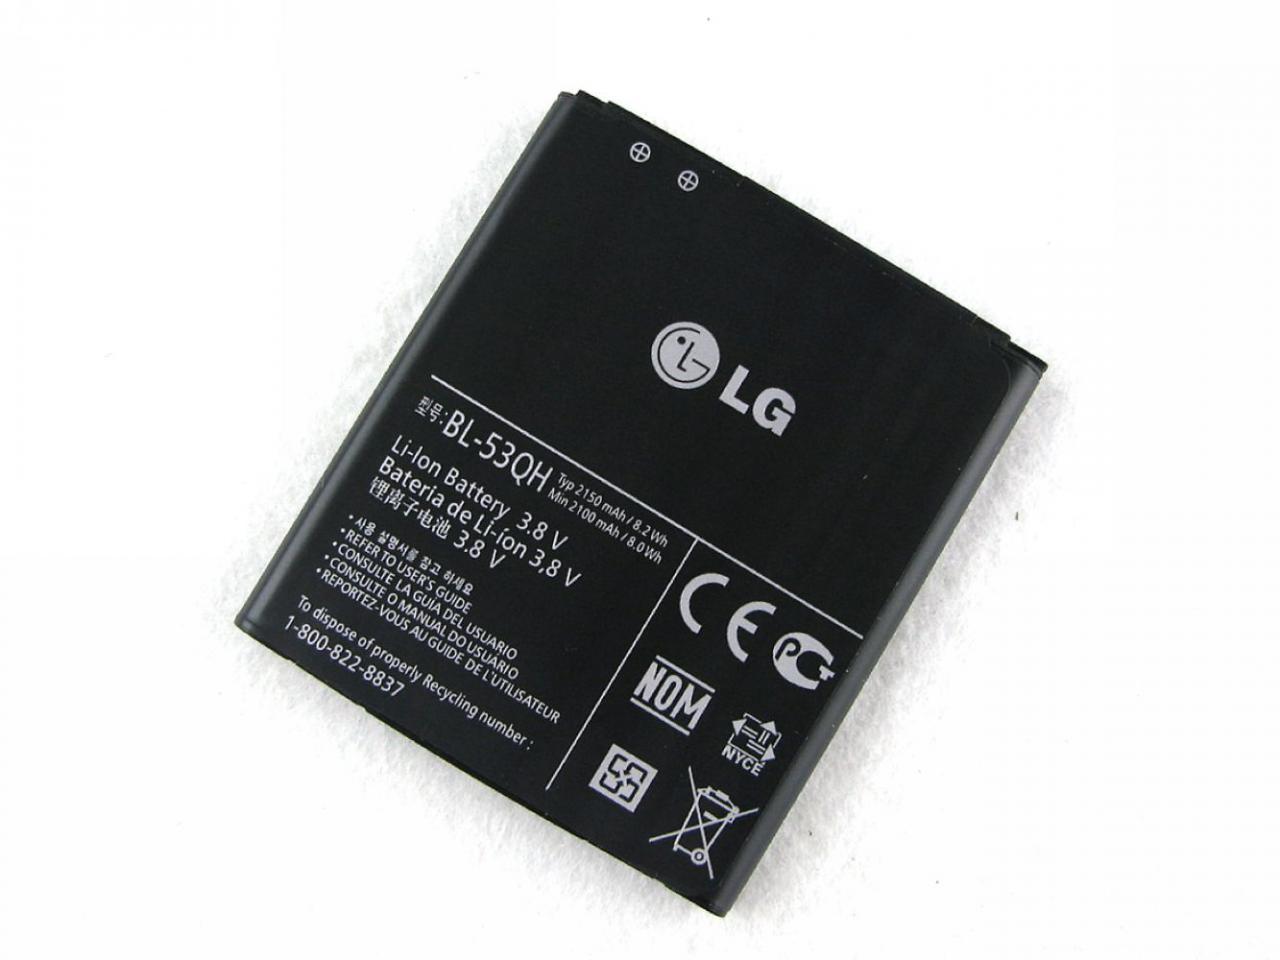 LG Baterie BL-53QH 2150mAh Li-Pol (Bulk) (8592118094078)